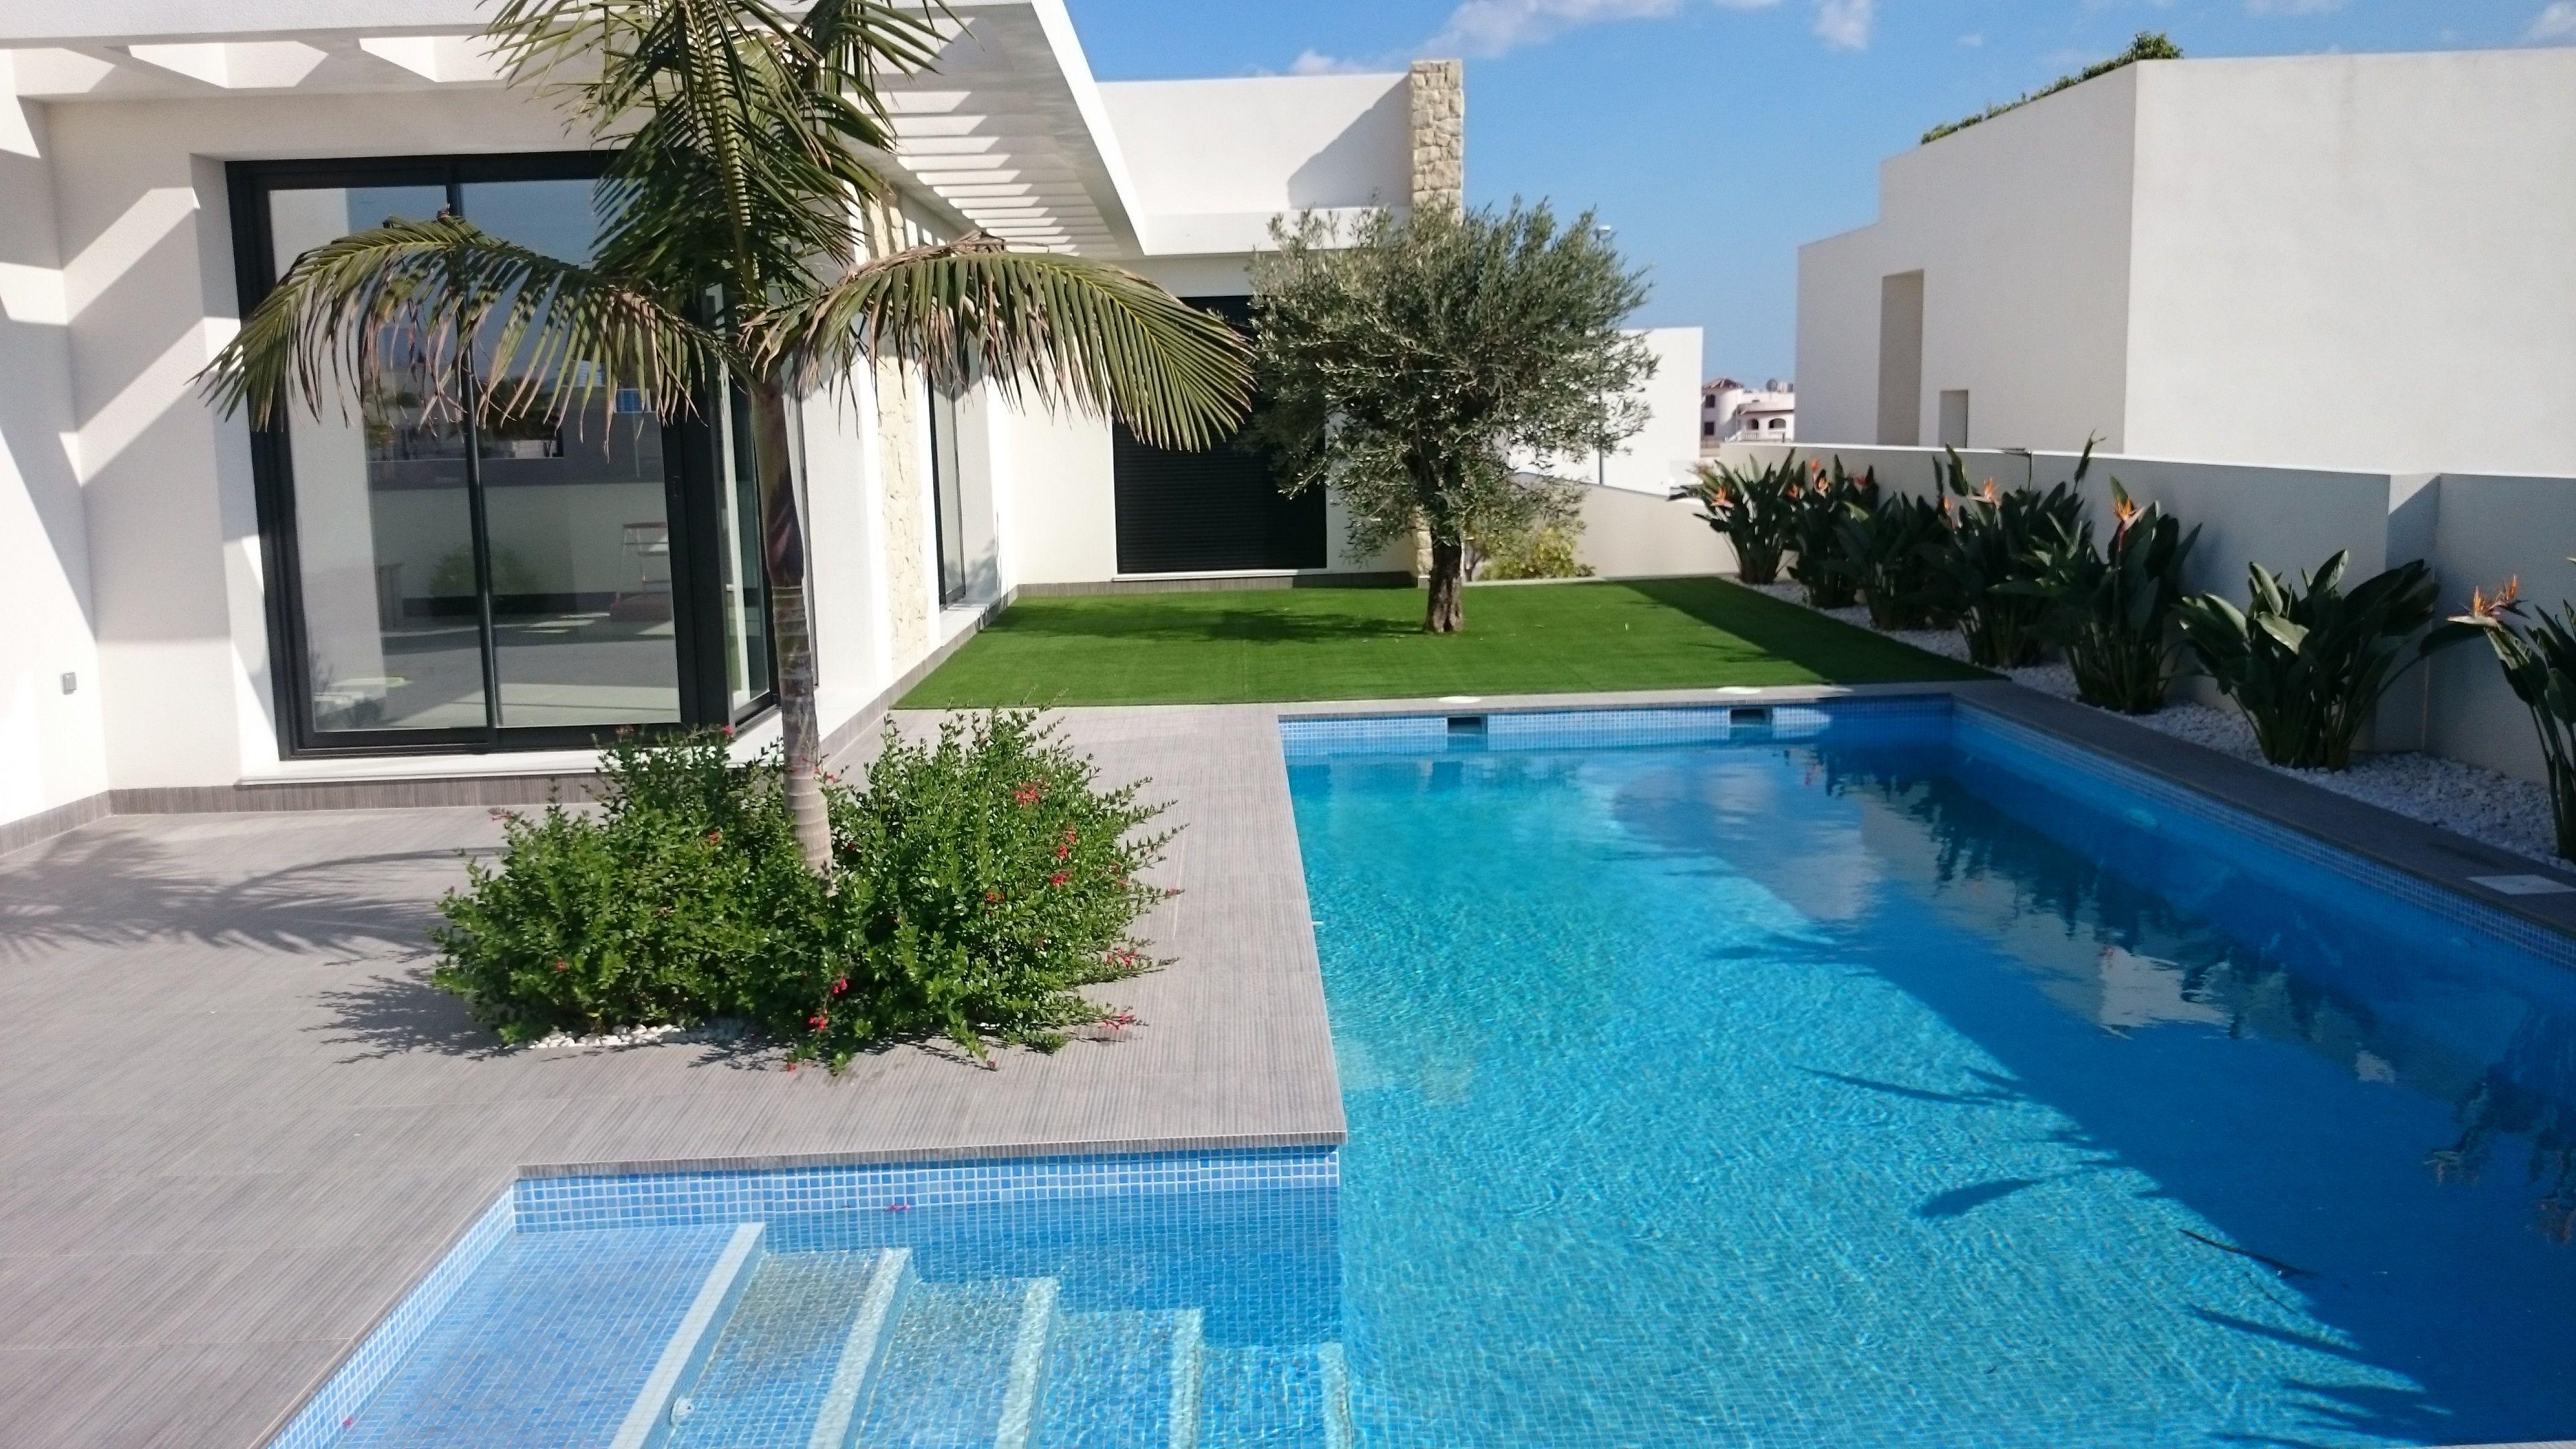 Acabados exteriores en viviendas residenciales alicatado pavimento y ducha en zona de piscina Jardines de chalets